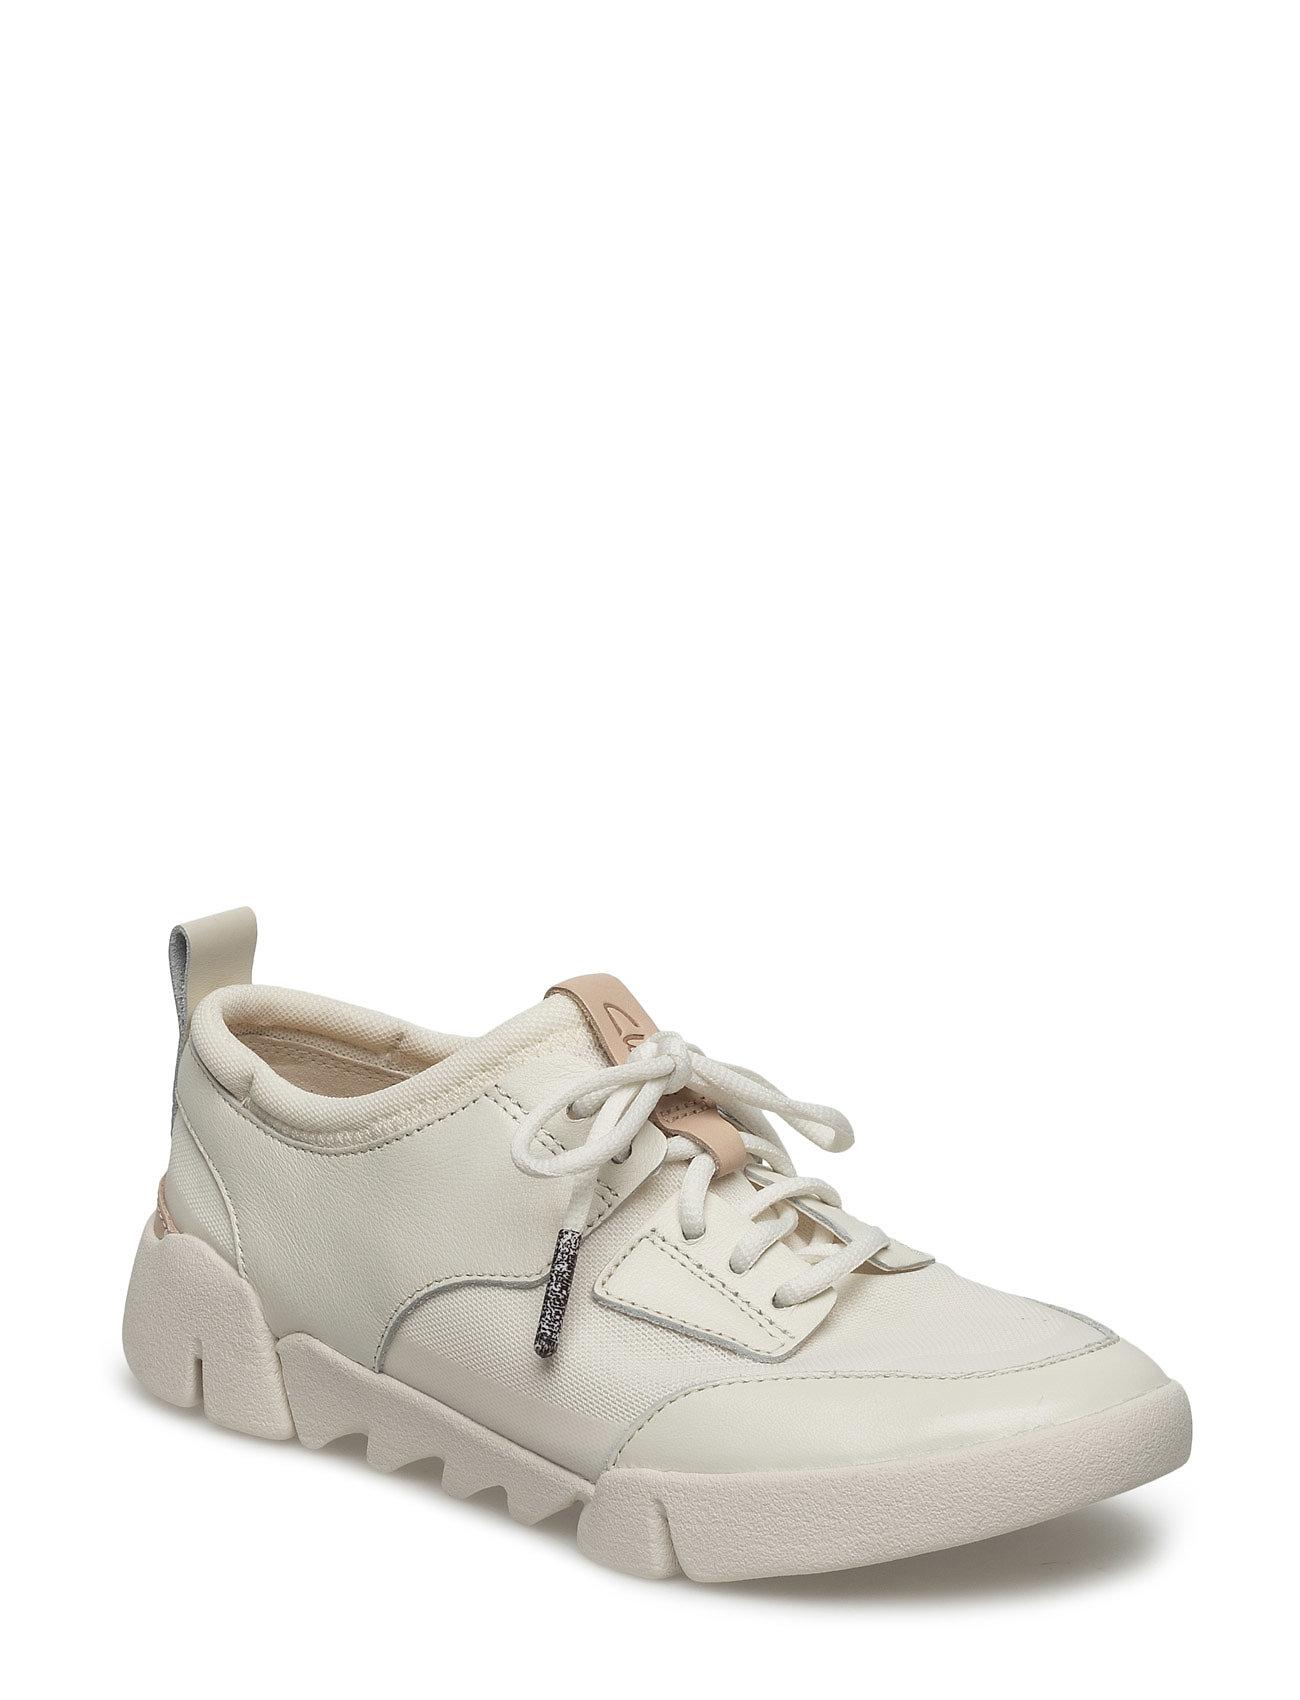 0a751c48e6a Tri Soul Clarks Sneakers til Damer i hvid   Unfairfashion.dk